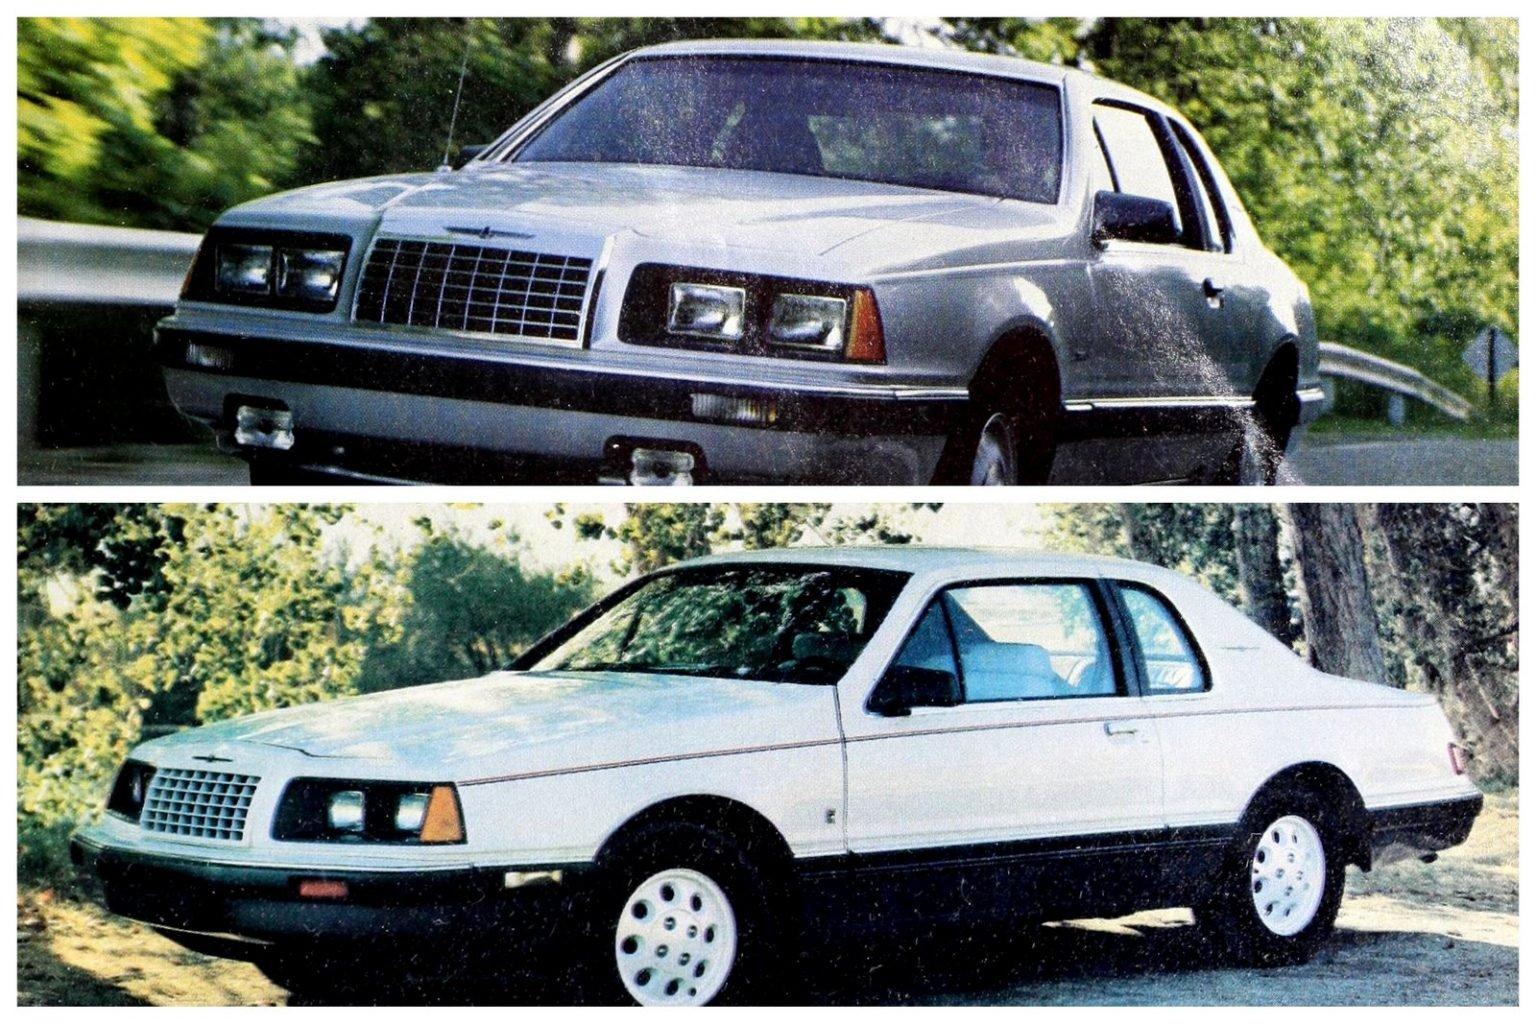 Vintage '80s Ford Thunderbird cars